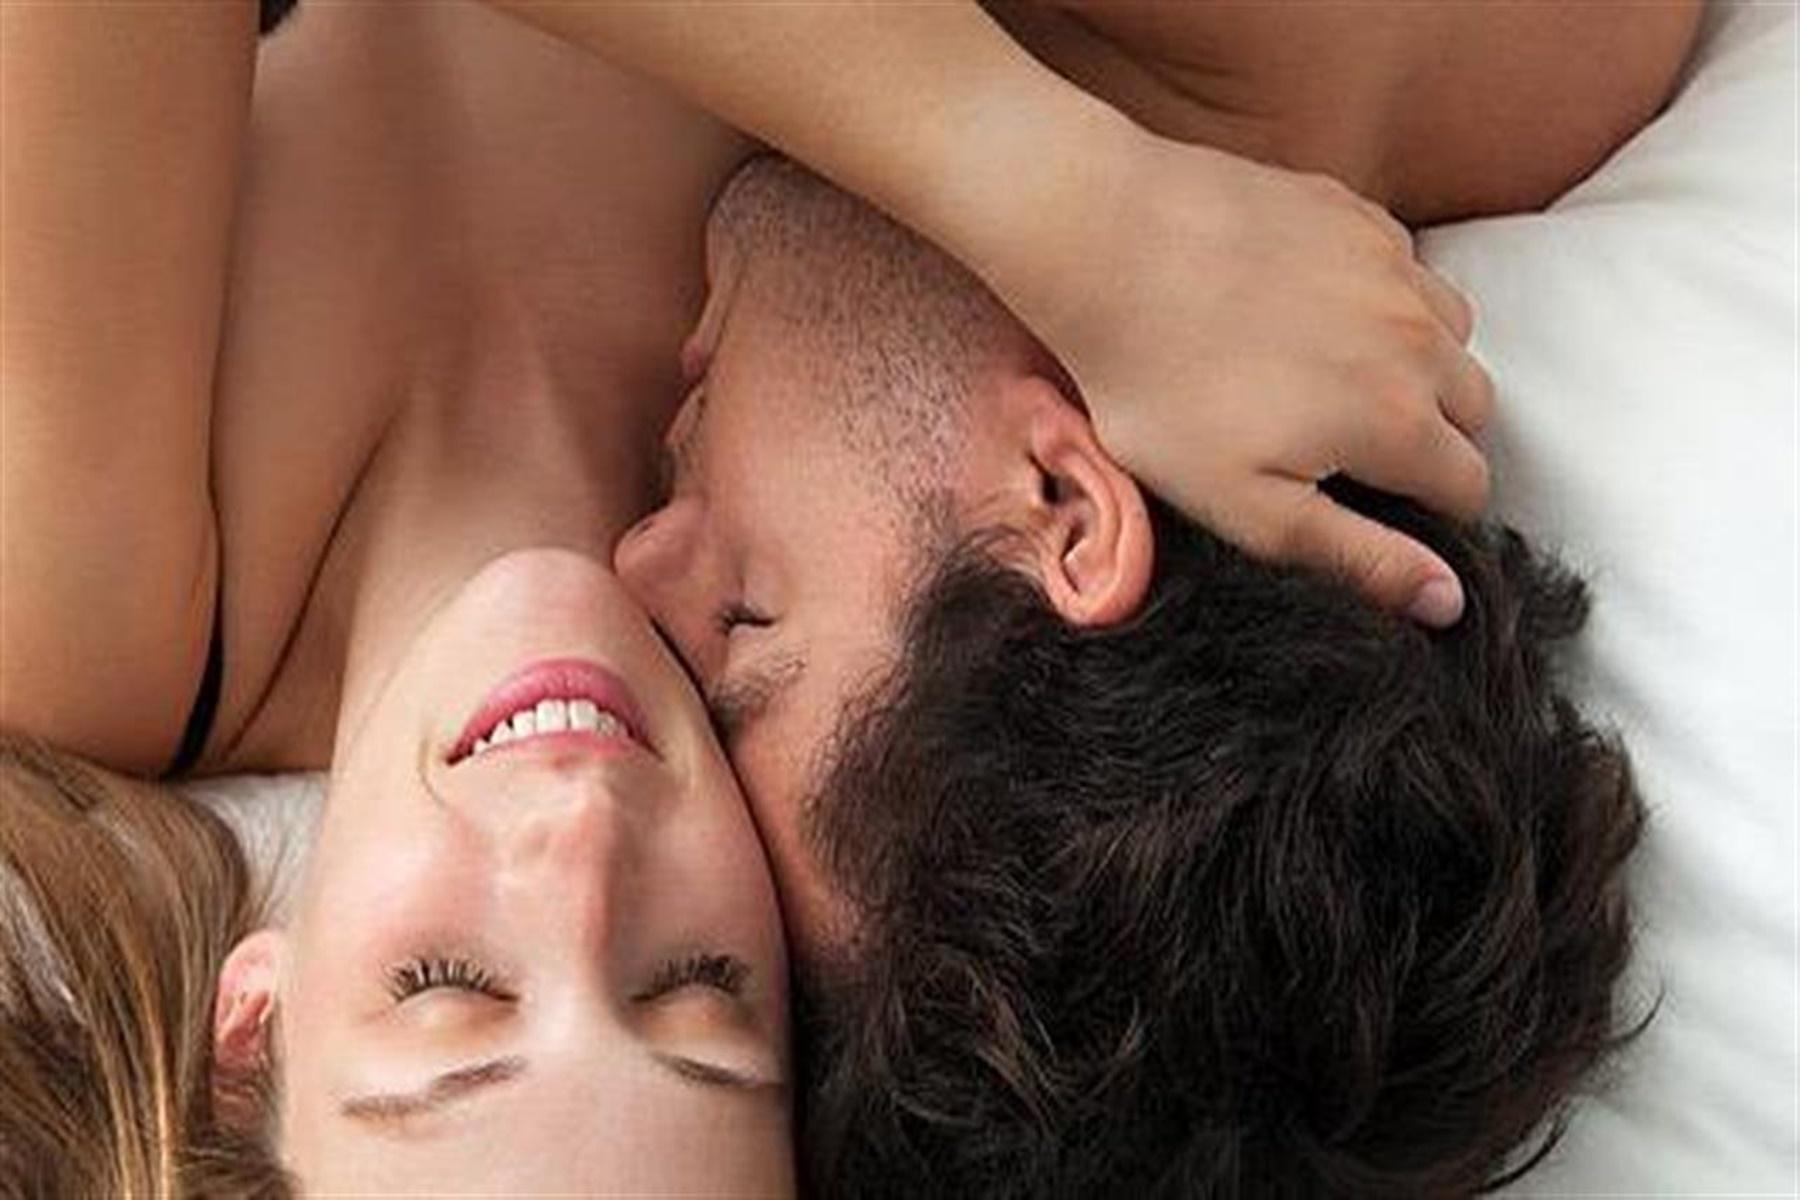 Διαβήτης τύπου 1 : Συμβουλές για καλή σεξουαλική αγωγή